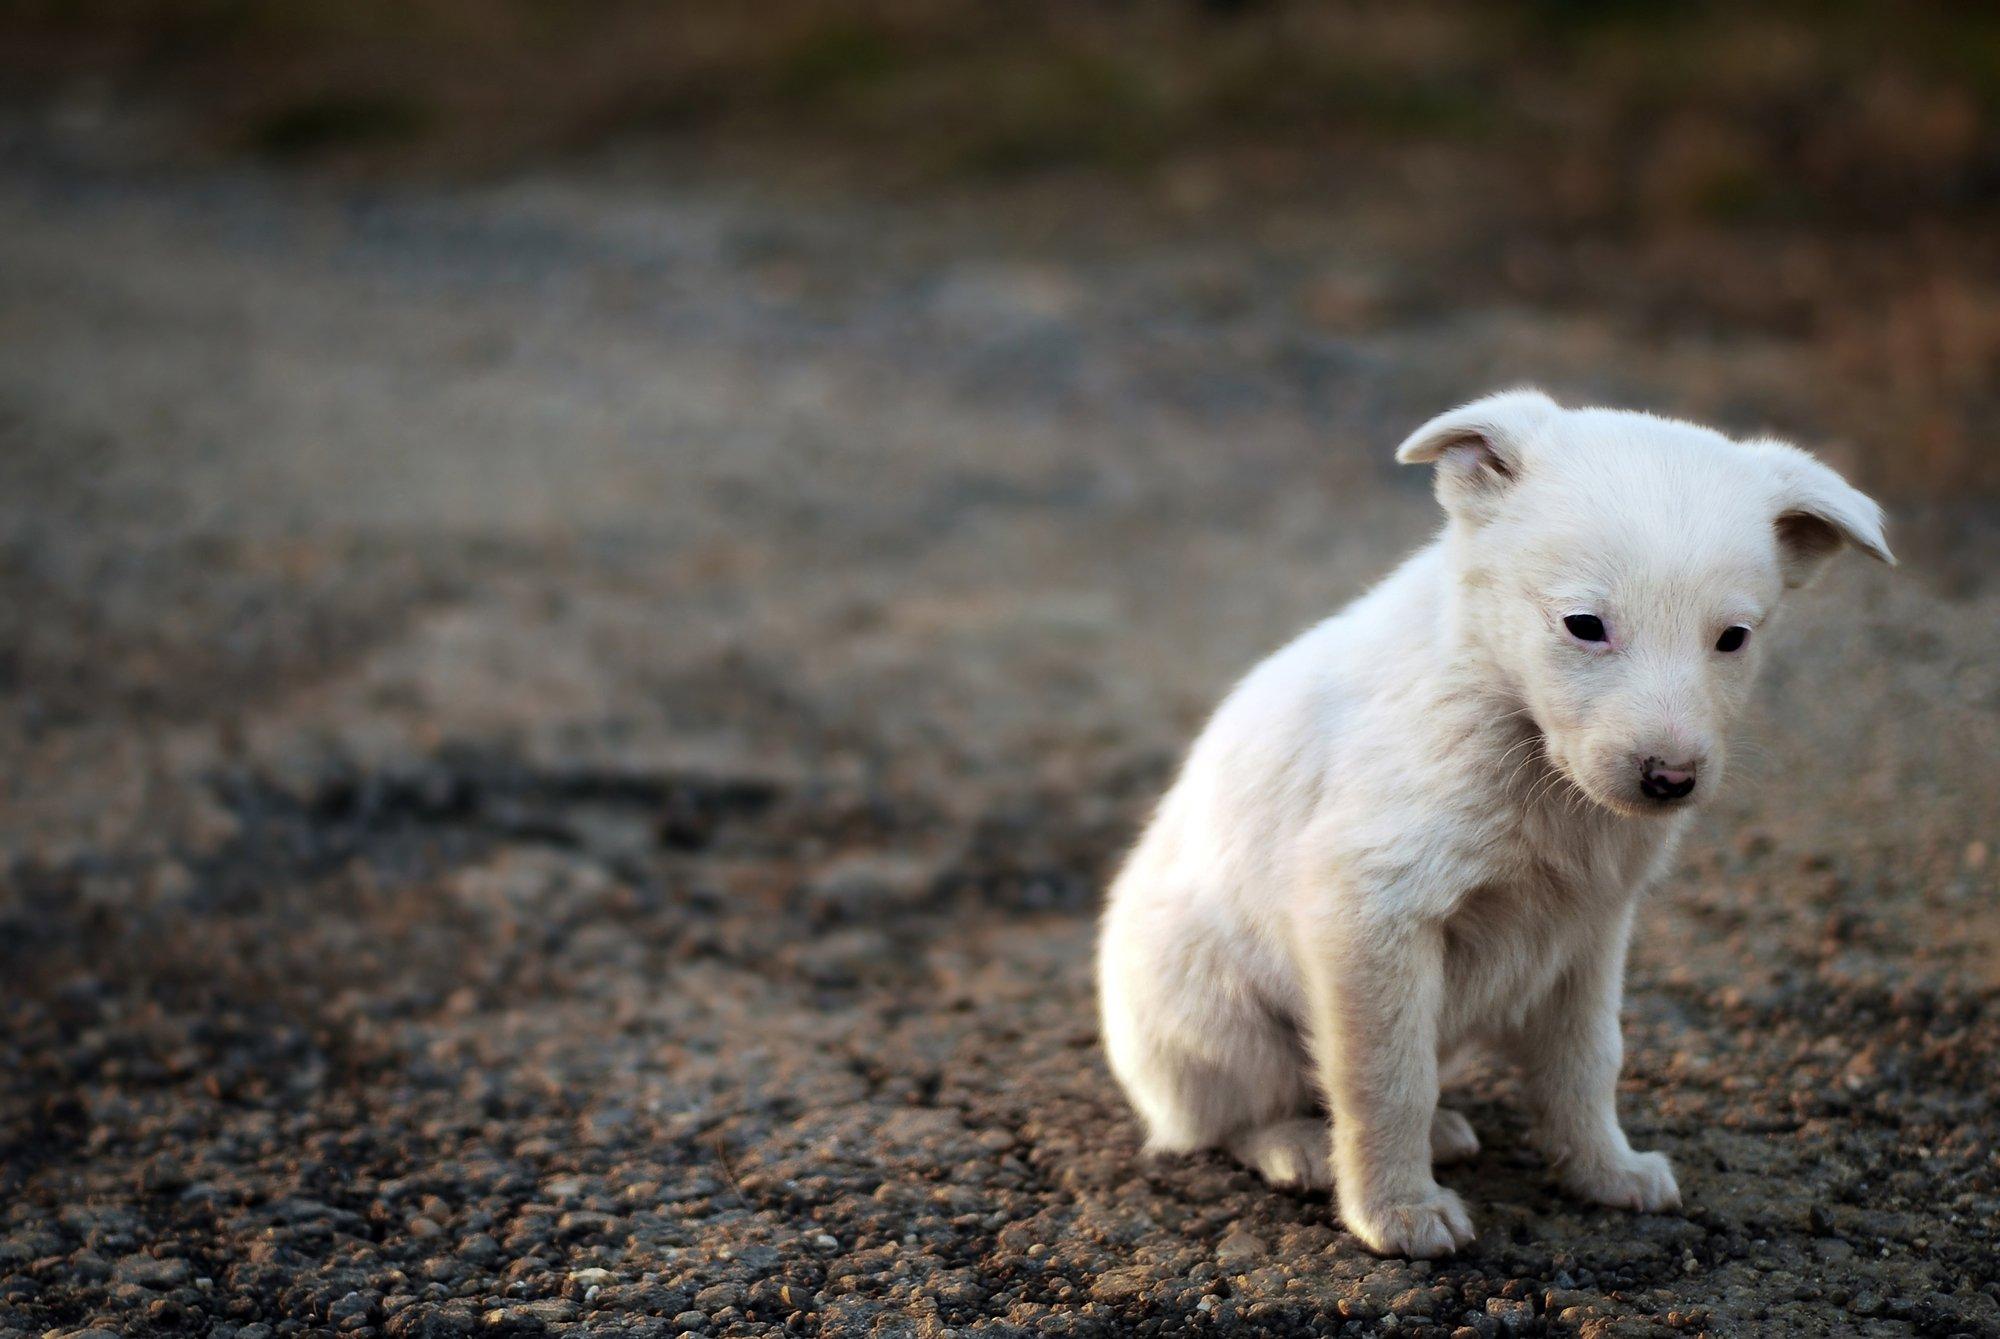 depositphotos 8141343 l 2015.jpg?resize=1200,630 - Ce député veut punir plus gravement les abandons d'animaux et encourager leurs adoptions grâce à cette proposition de loi.